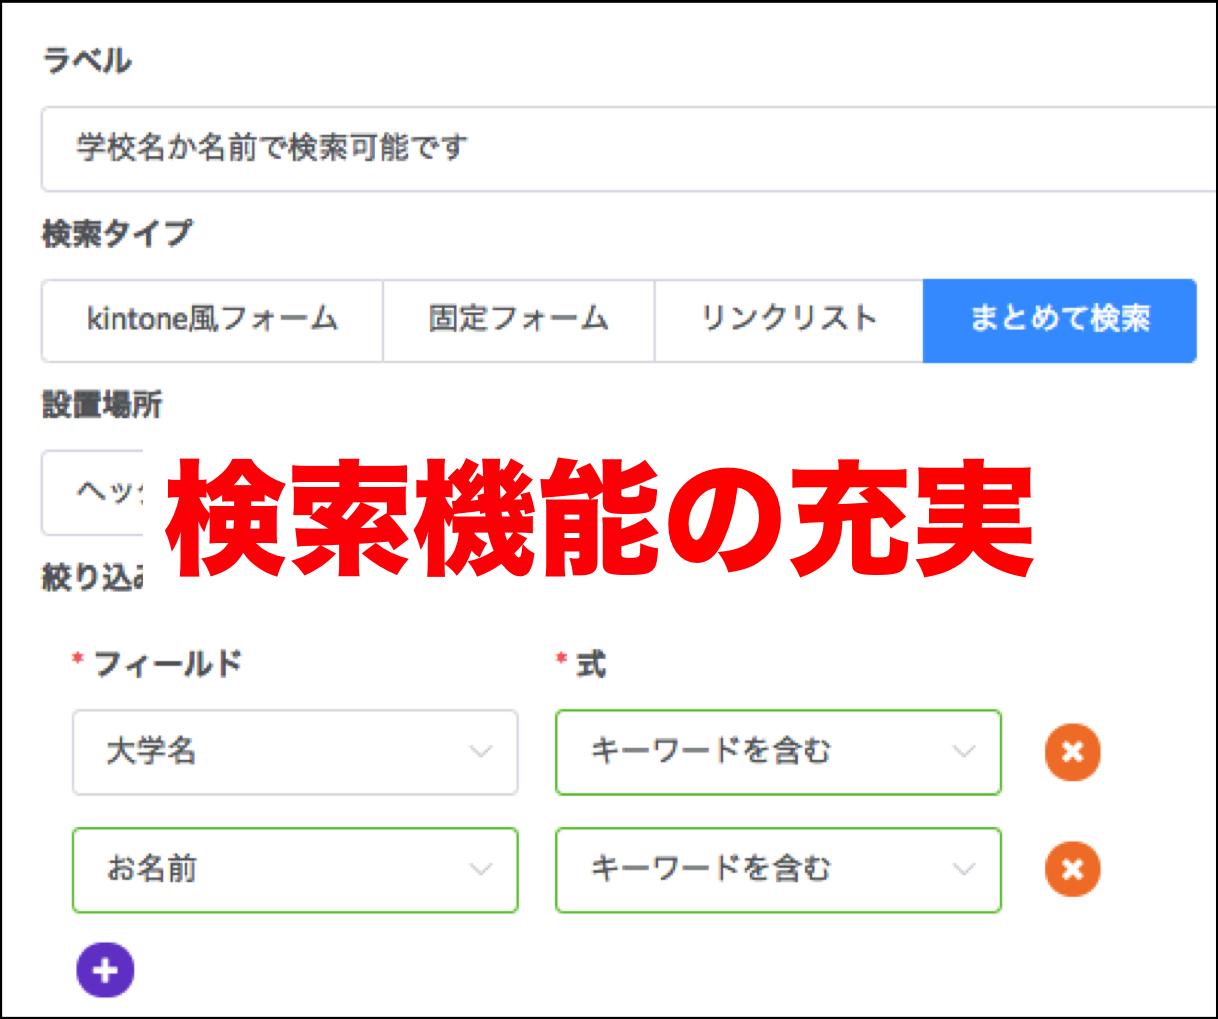 【10月12日更新】フィールドごとに検索したい!kViewerの検索フォームが進化しました